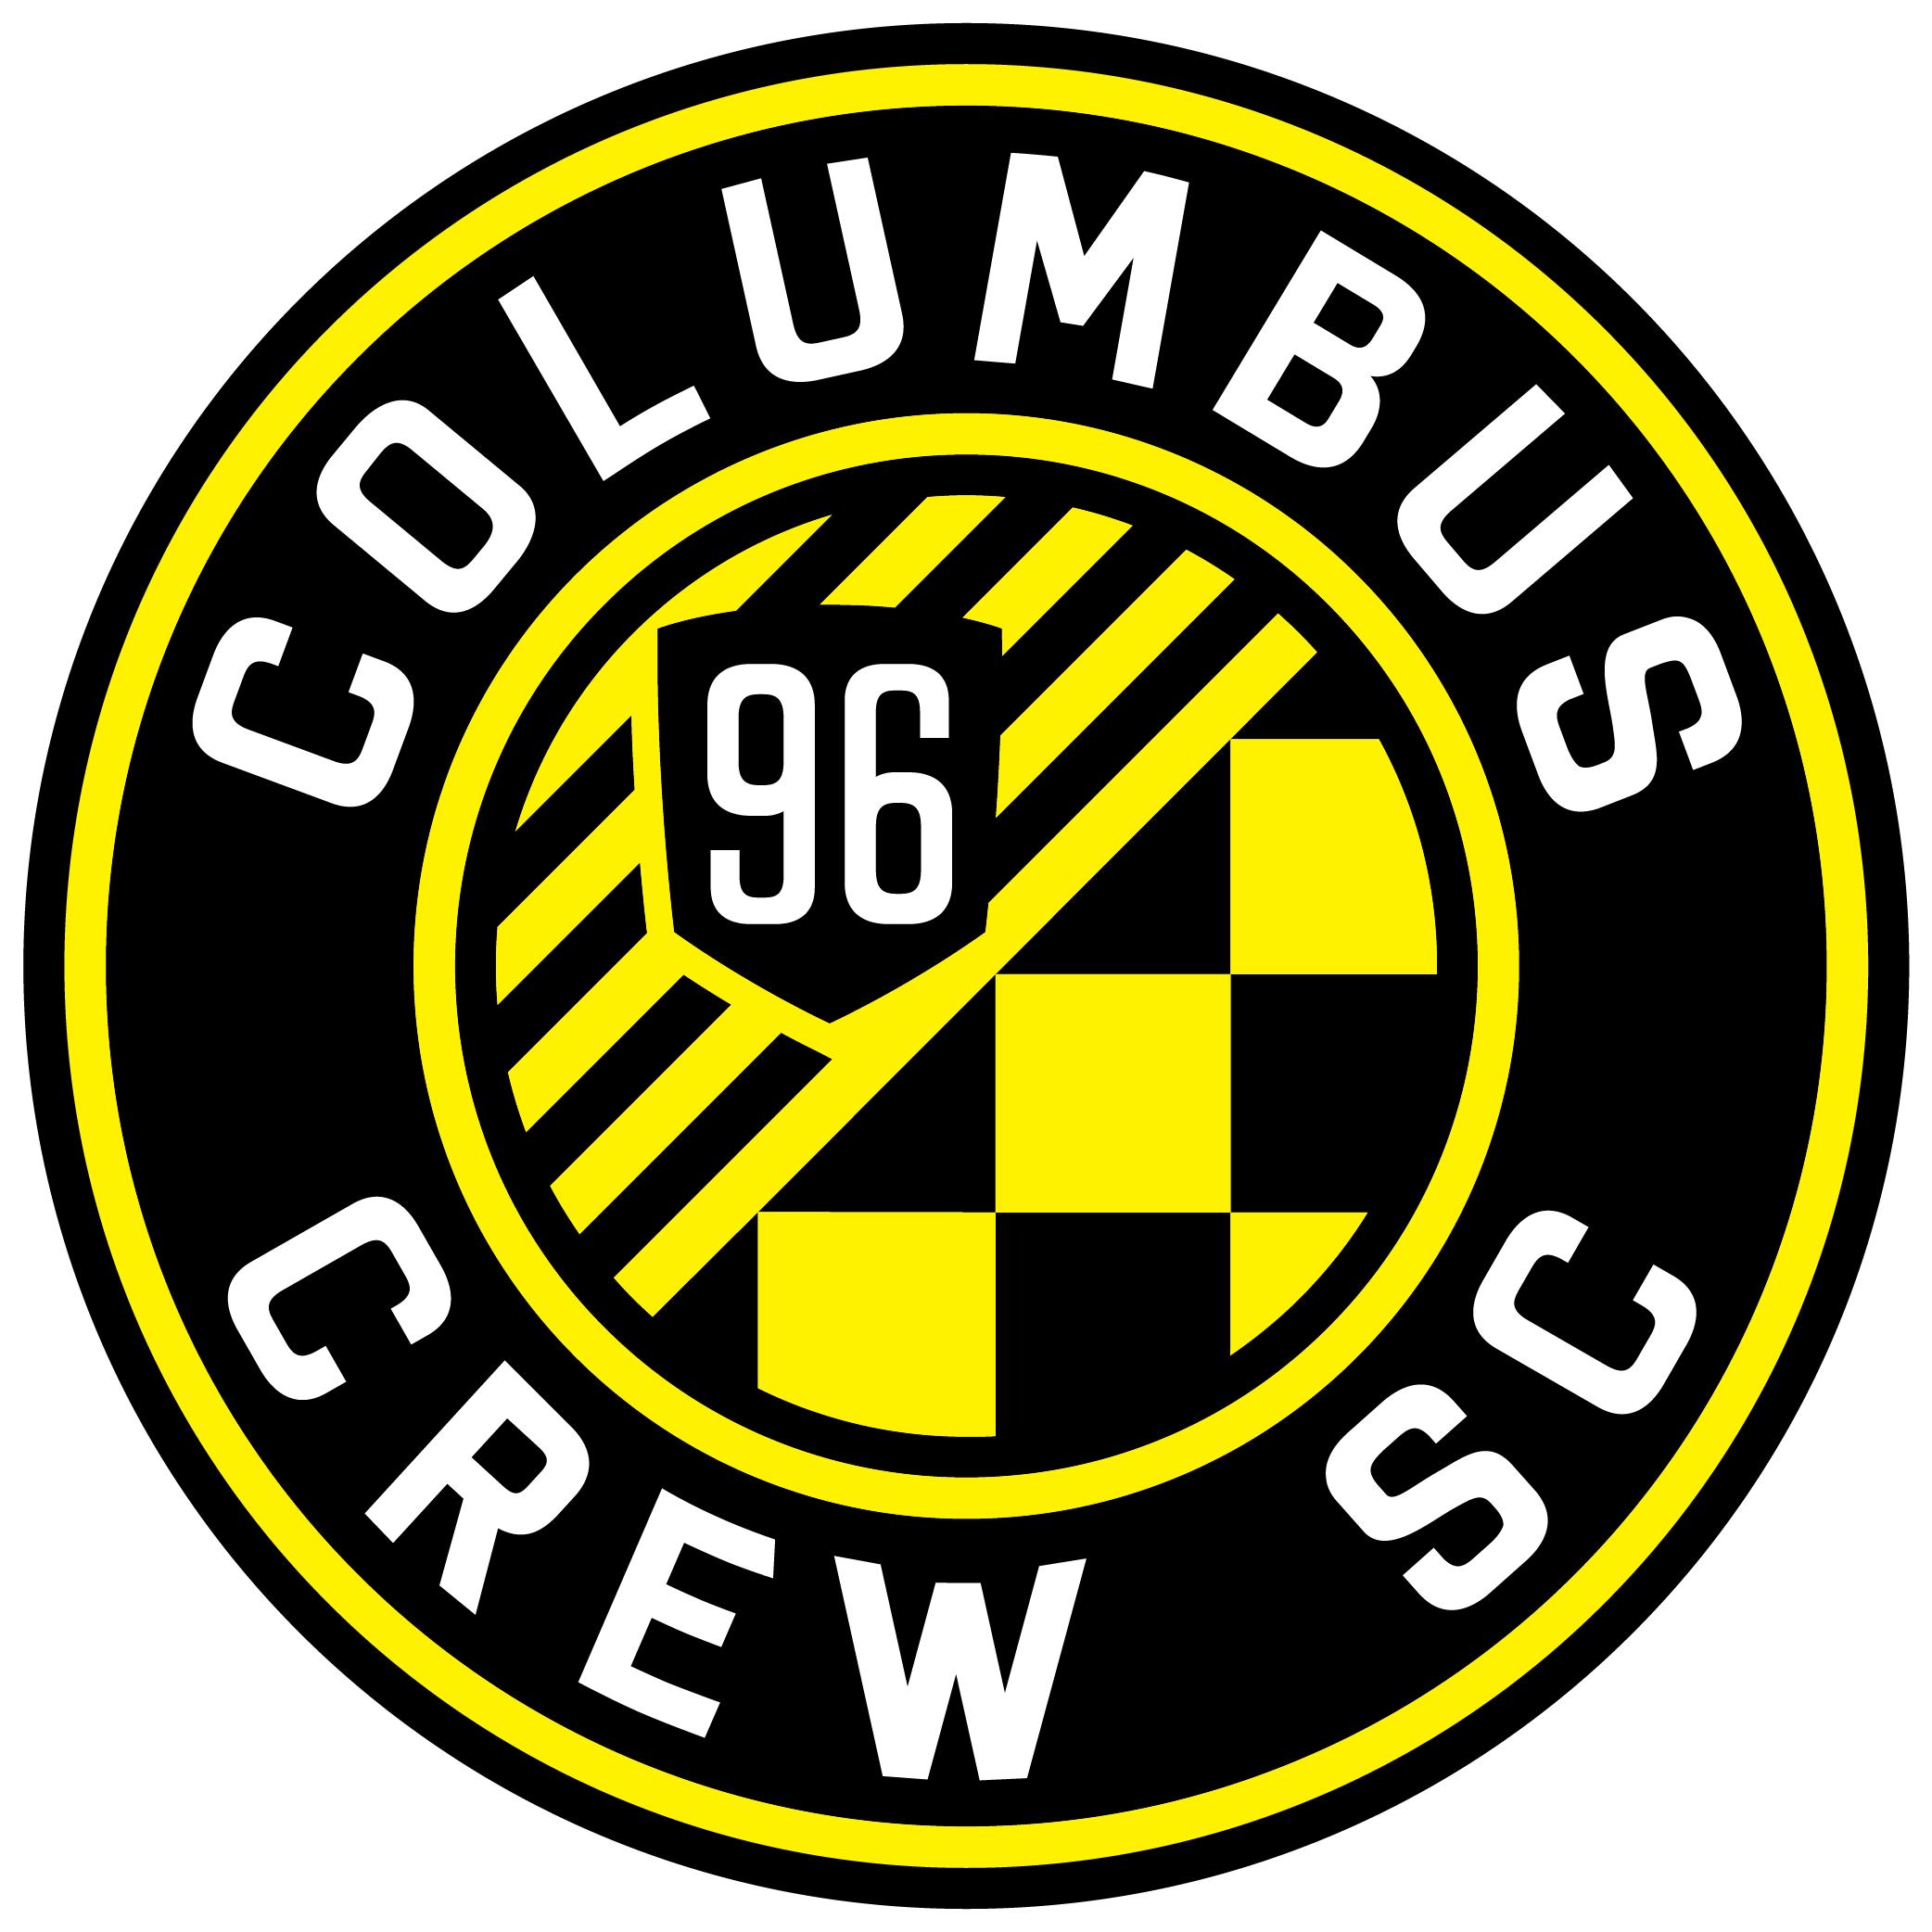 usa_-_columbus_crew_sc.png